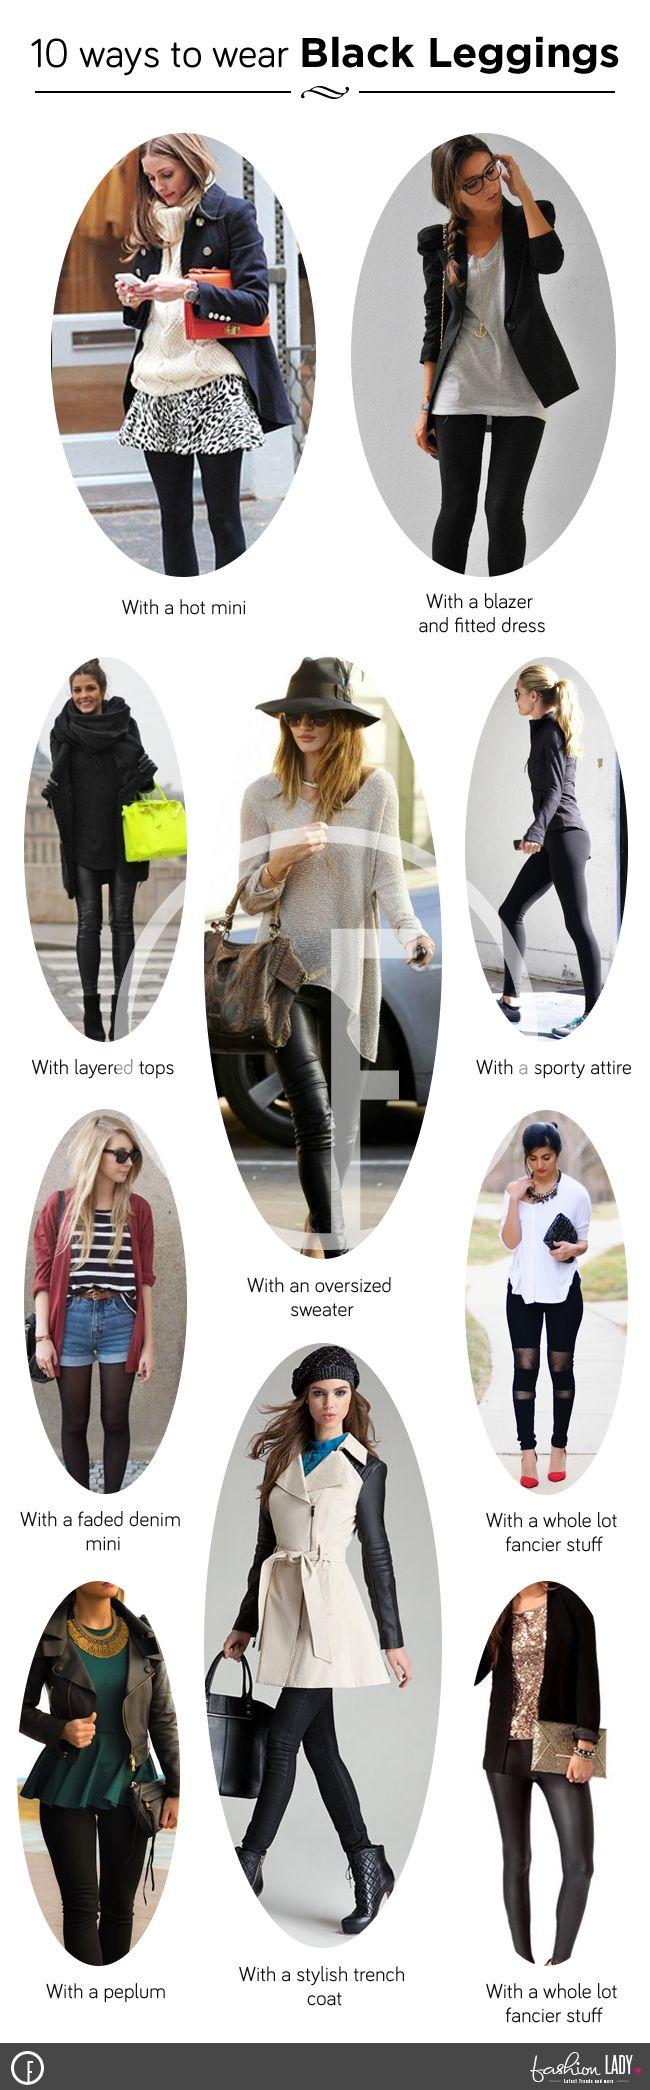 Como usar leggings pretas - estilo-los em 10 maneiras interessantes!